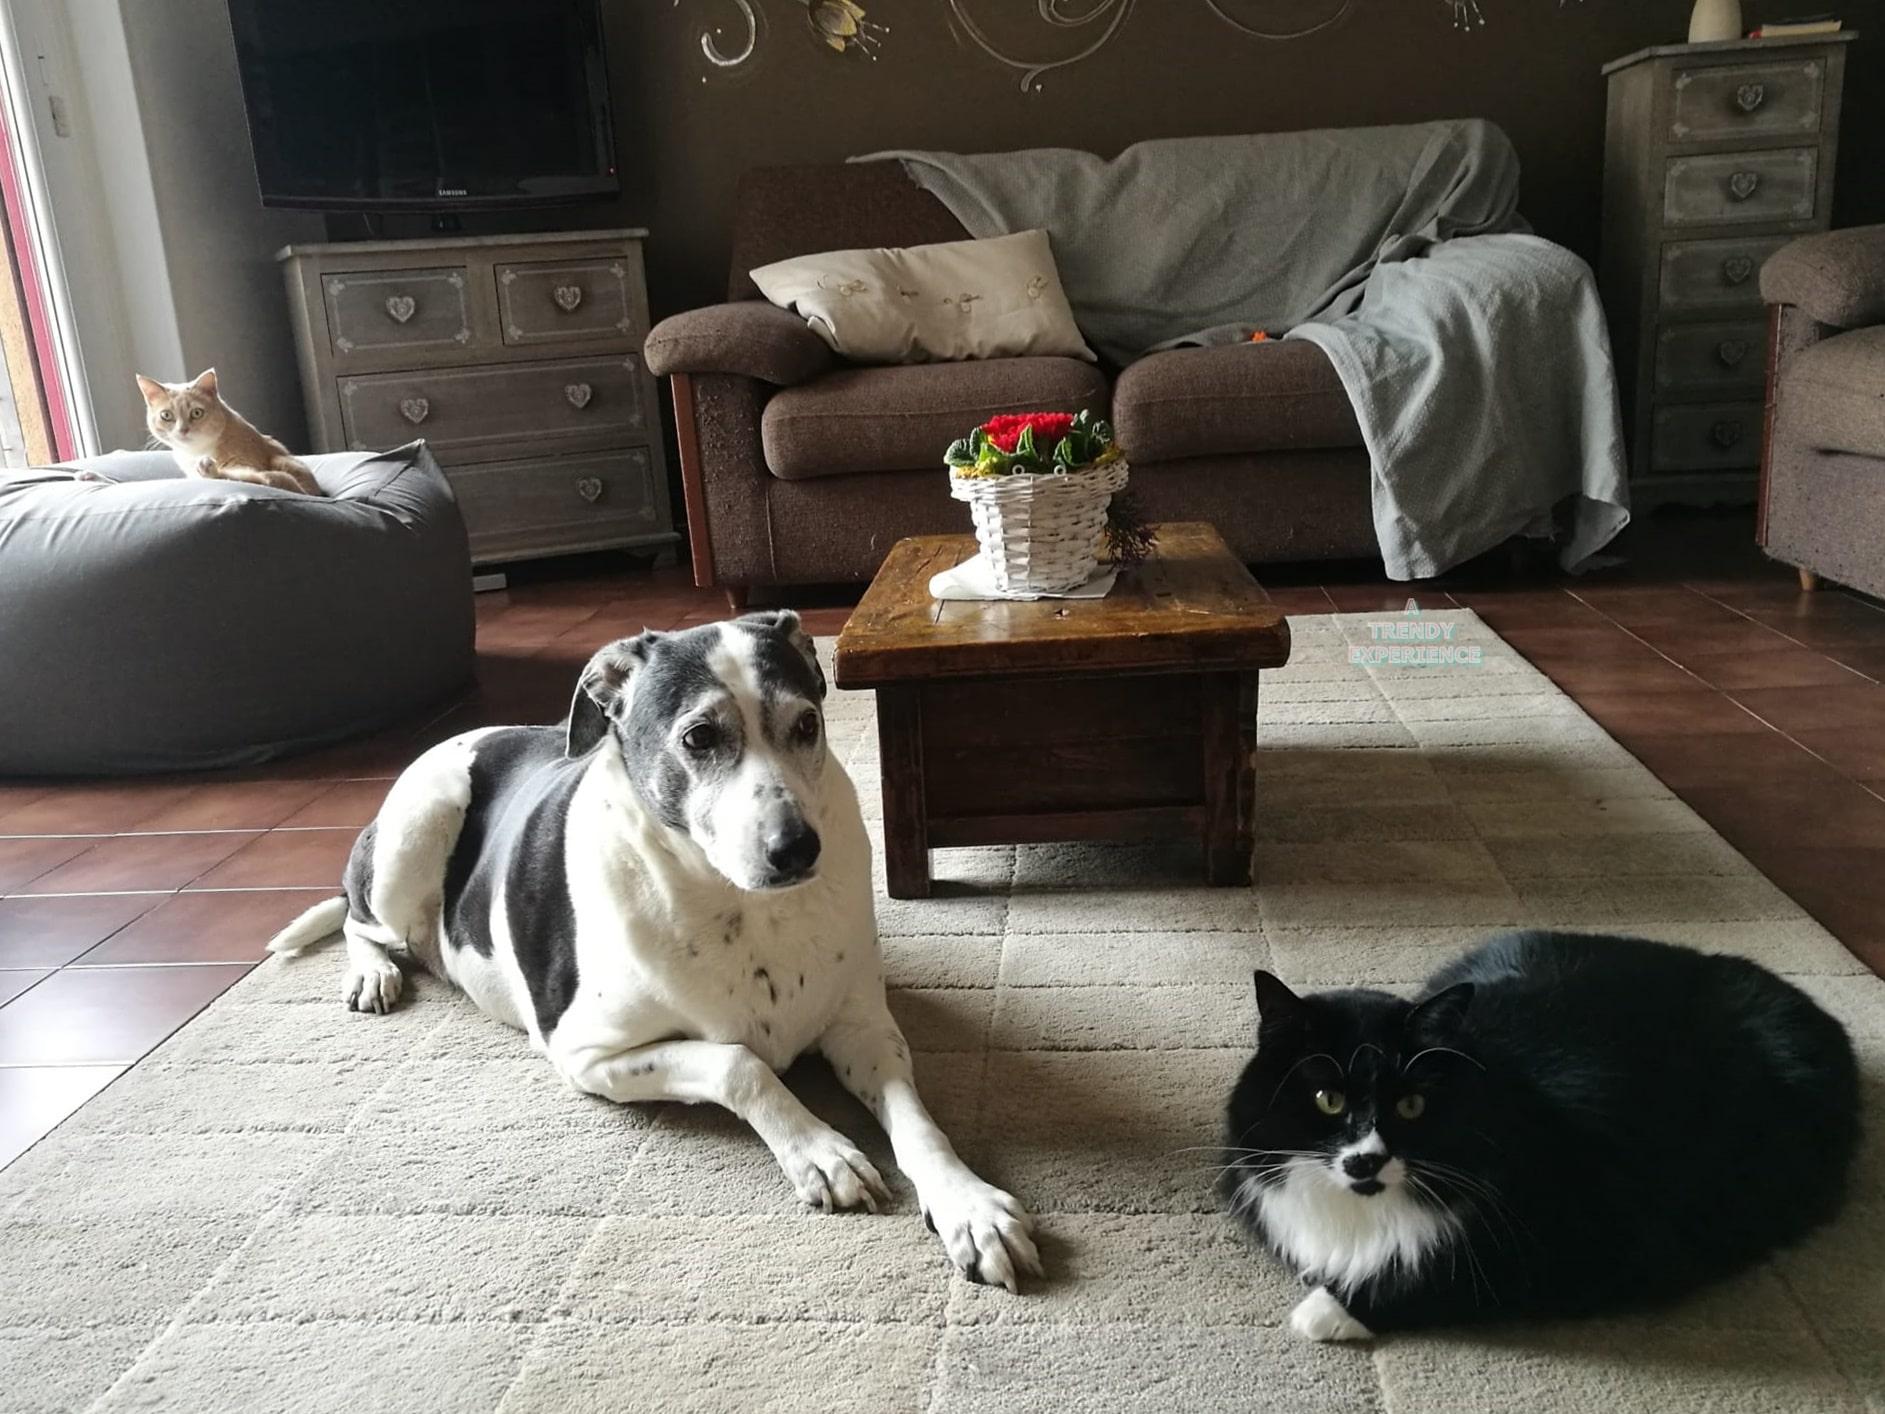 convivenza cane gatto serena e felice